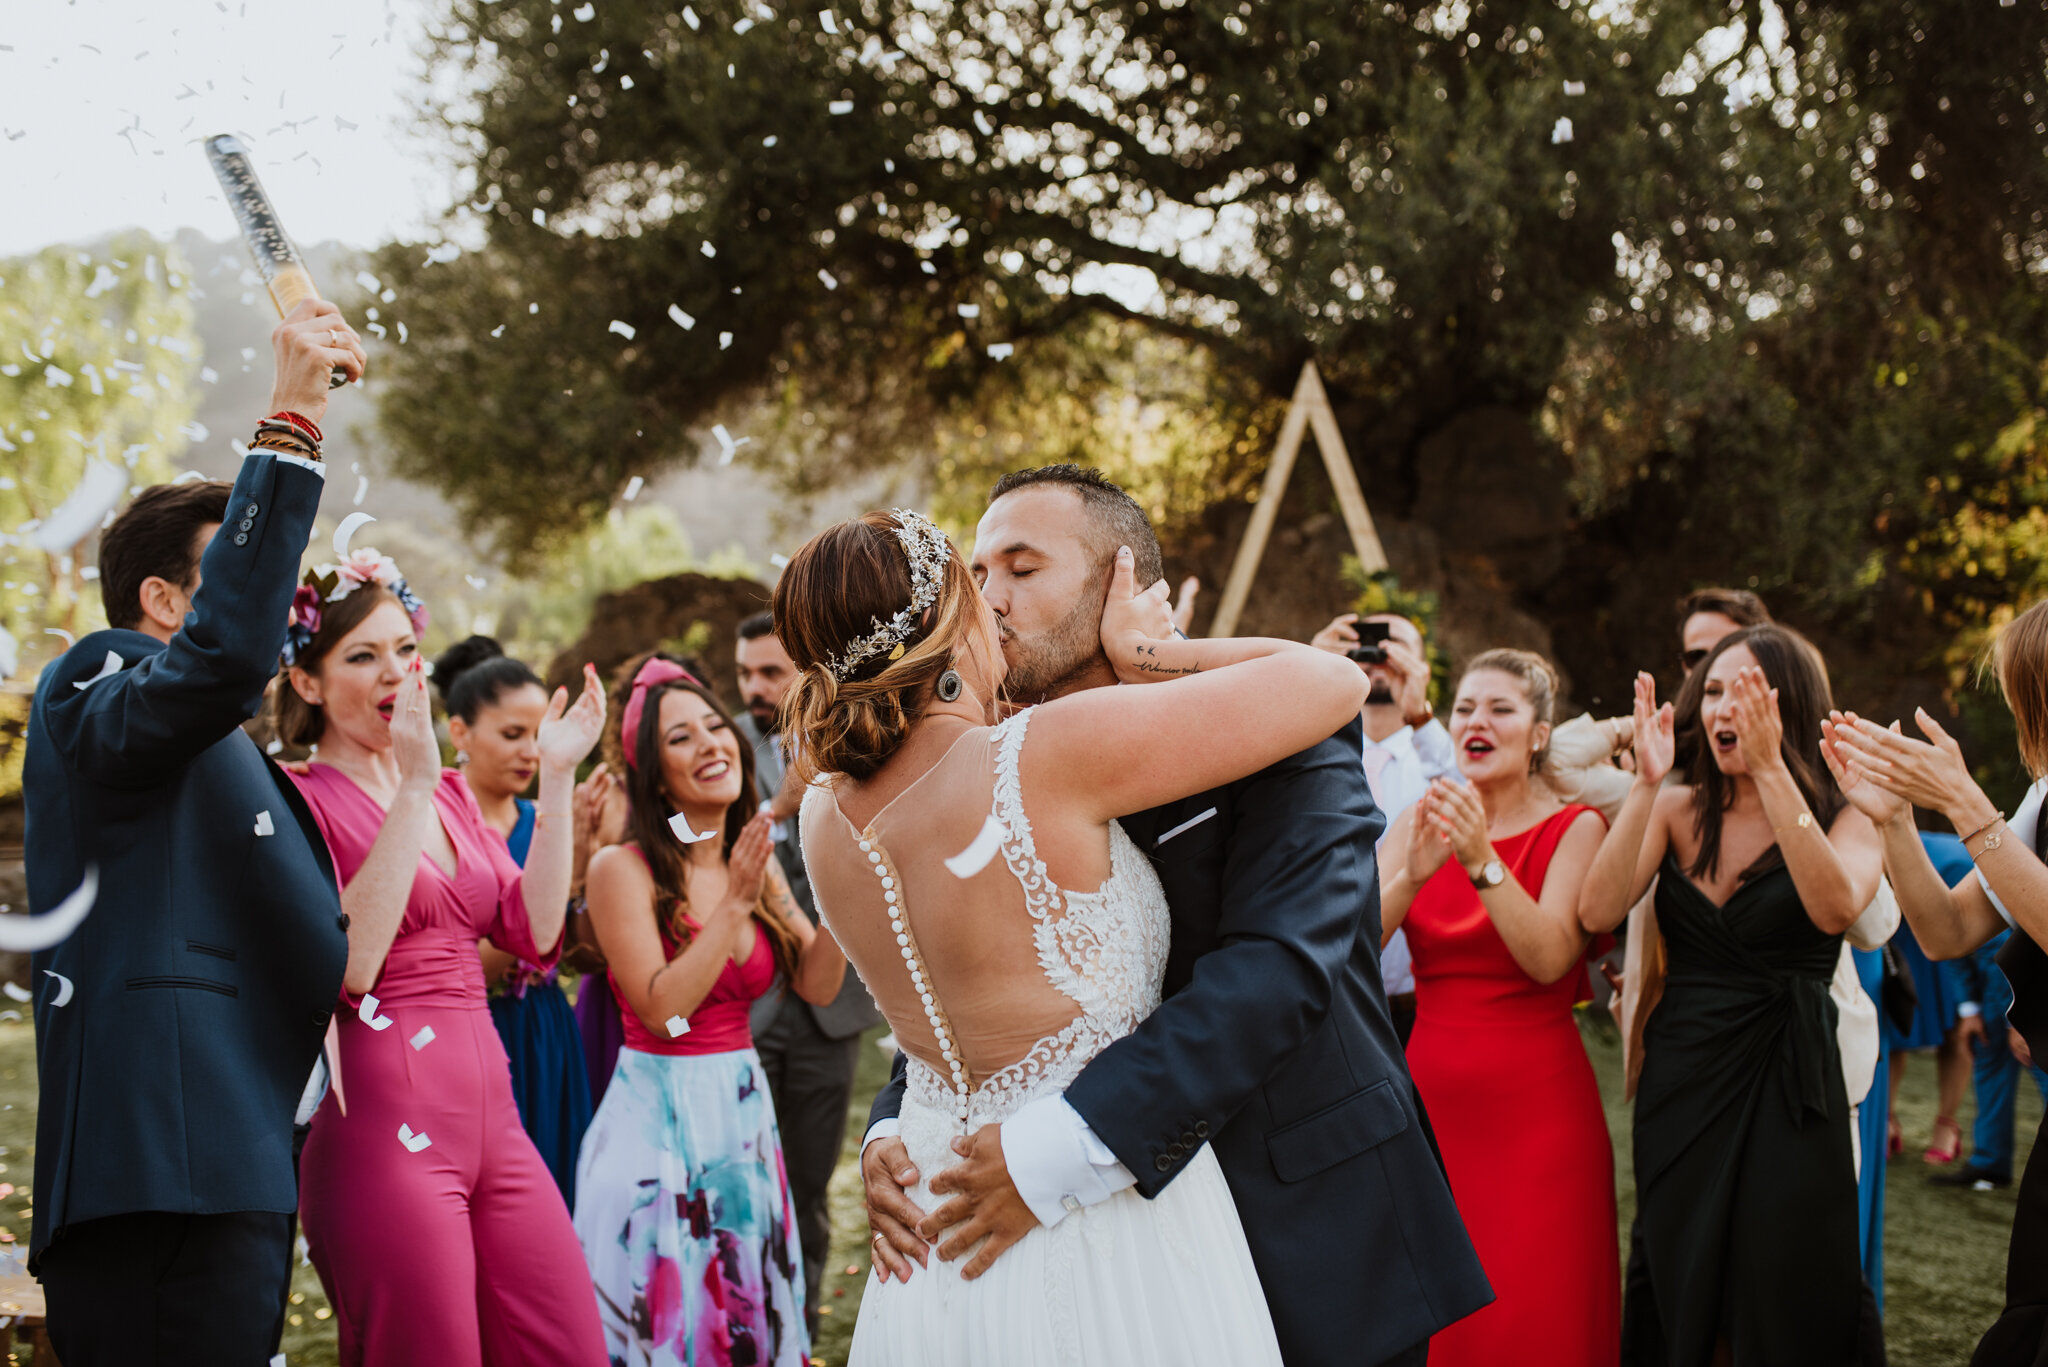 fotografo de bodas las palmas_-86.jpg